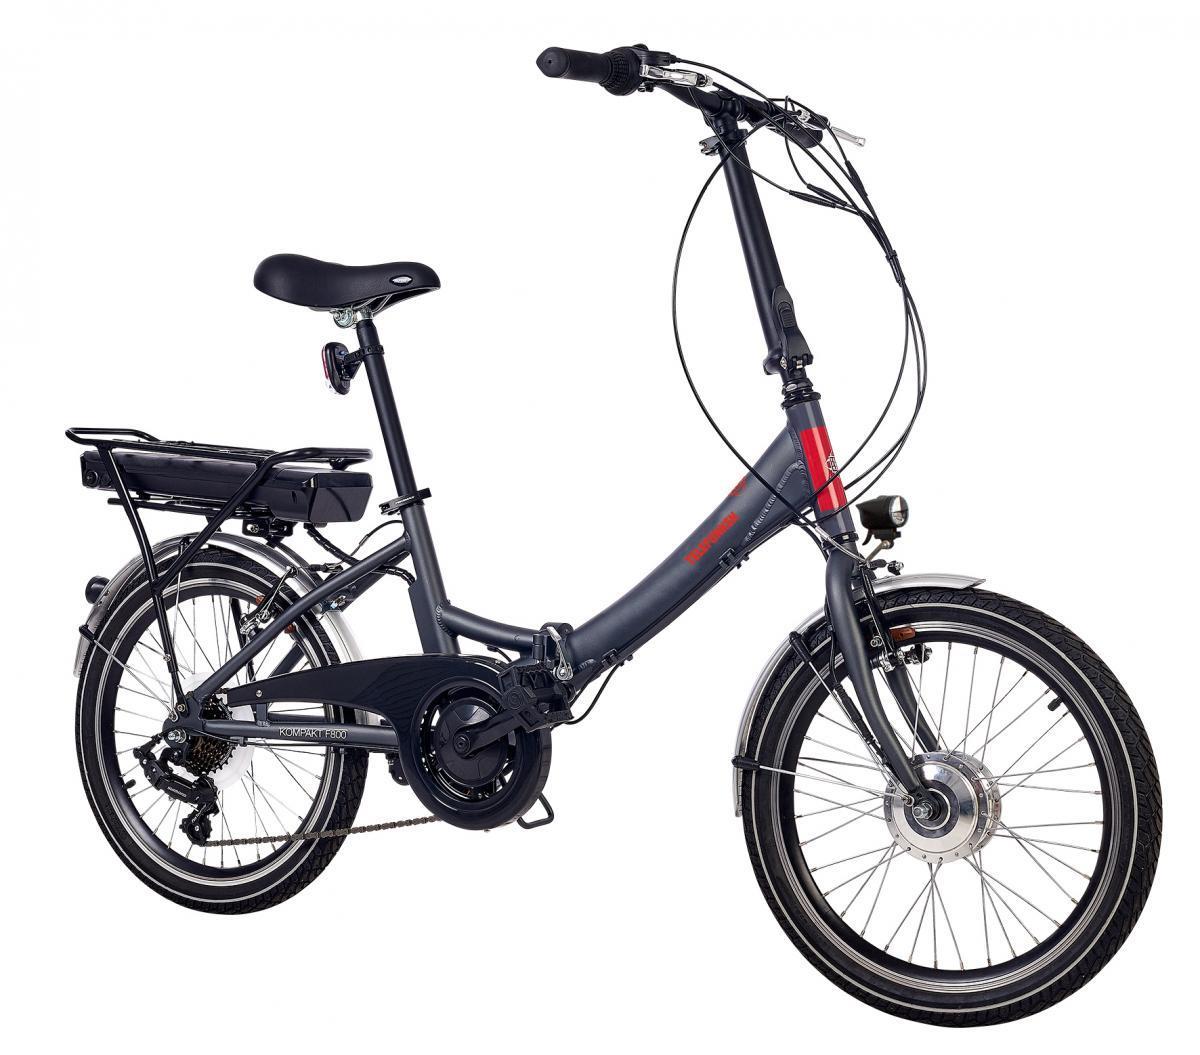 Bild 1 von Telefunken E-Bike F800, Faltrad mit 7 Gang Kettenschaltung